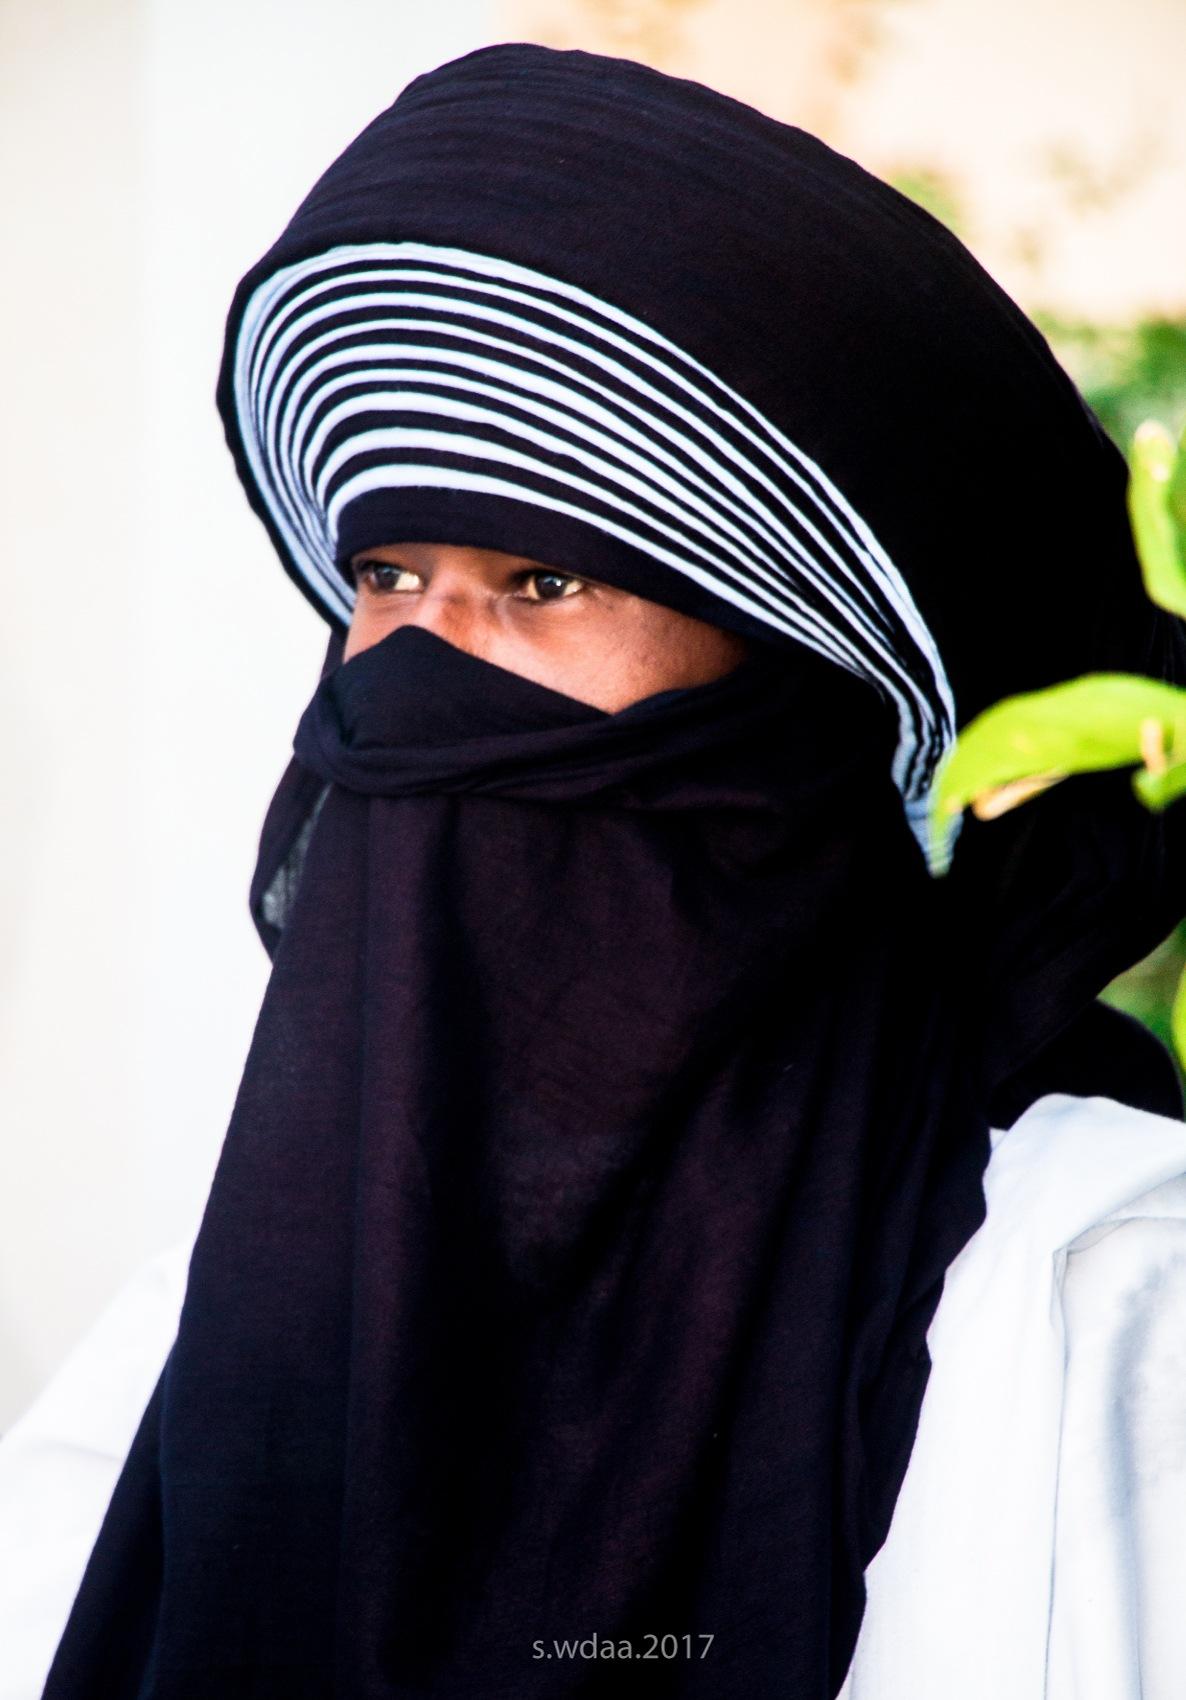 Tuareg Libya by Sumaia Wdaa